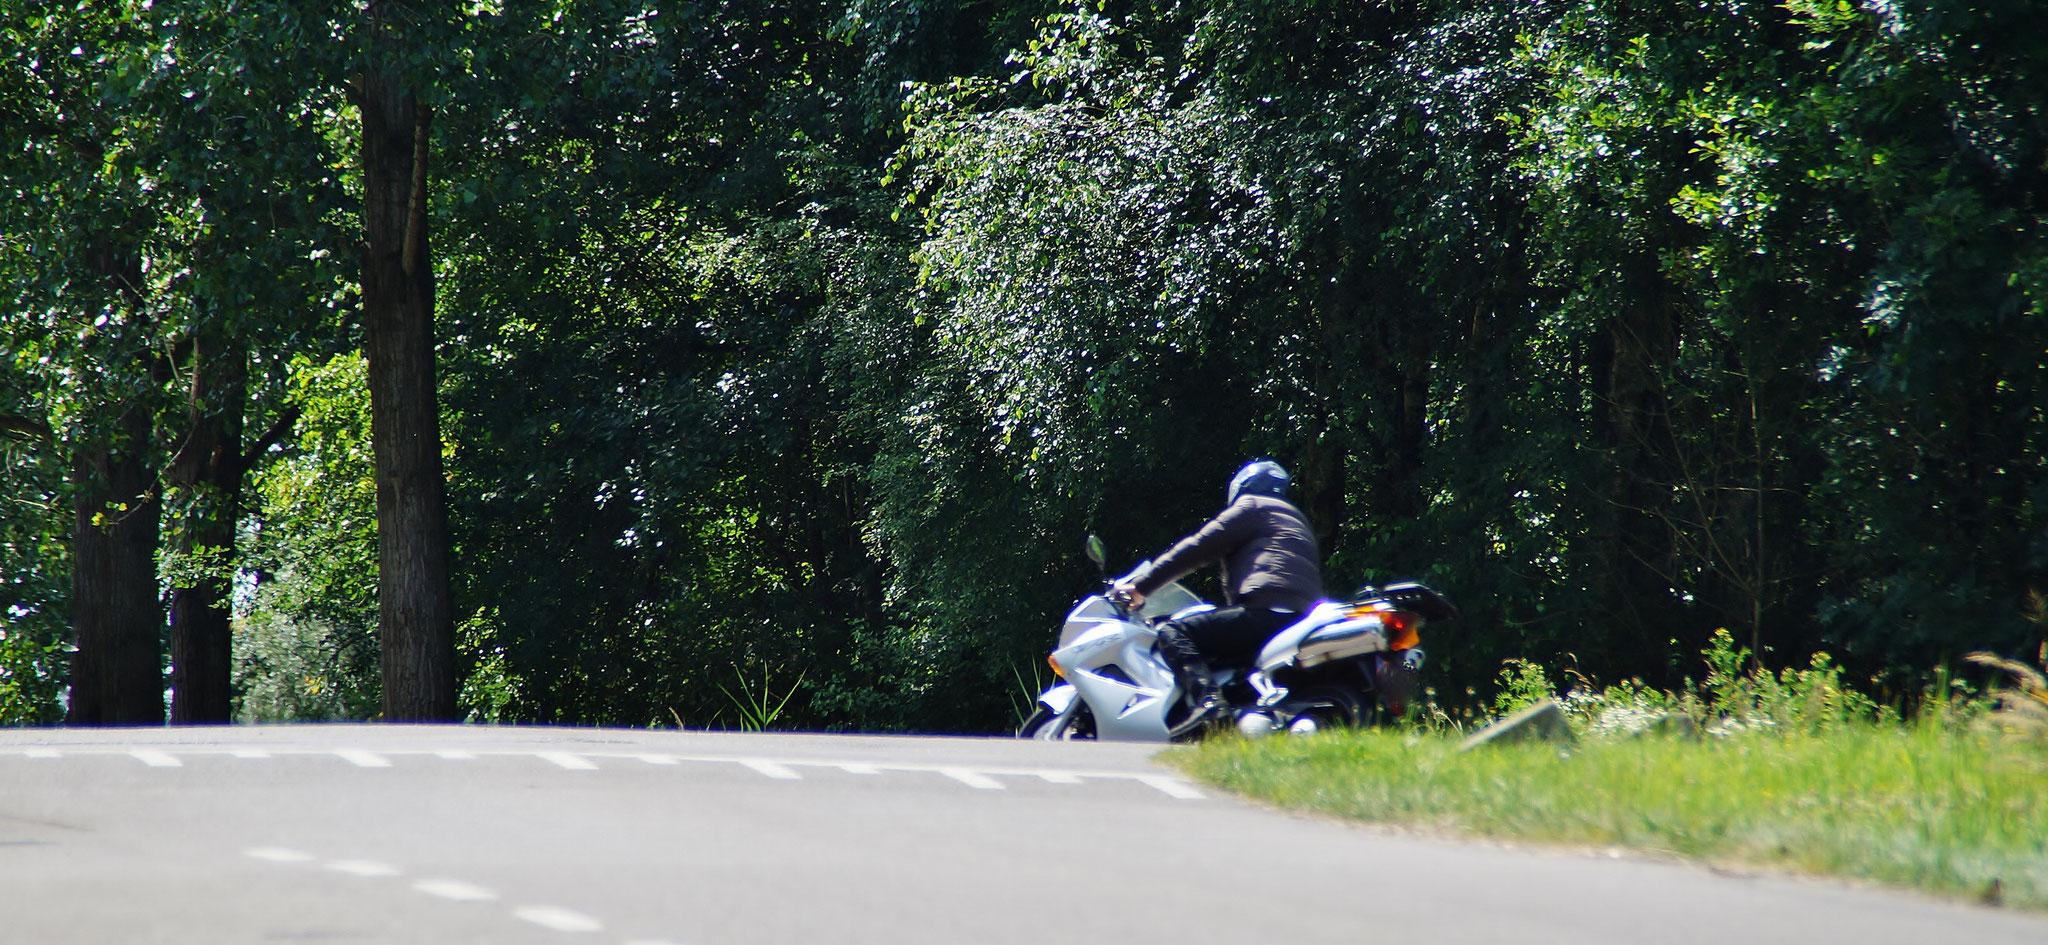 Mopedfahrer unterwegs